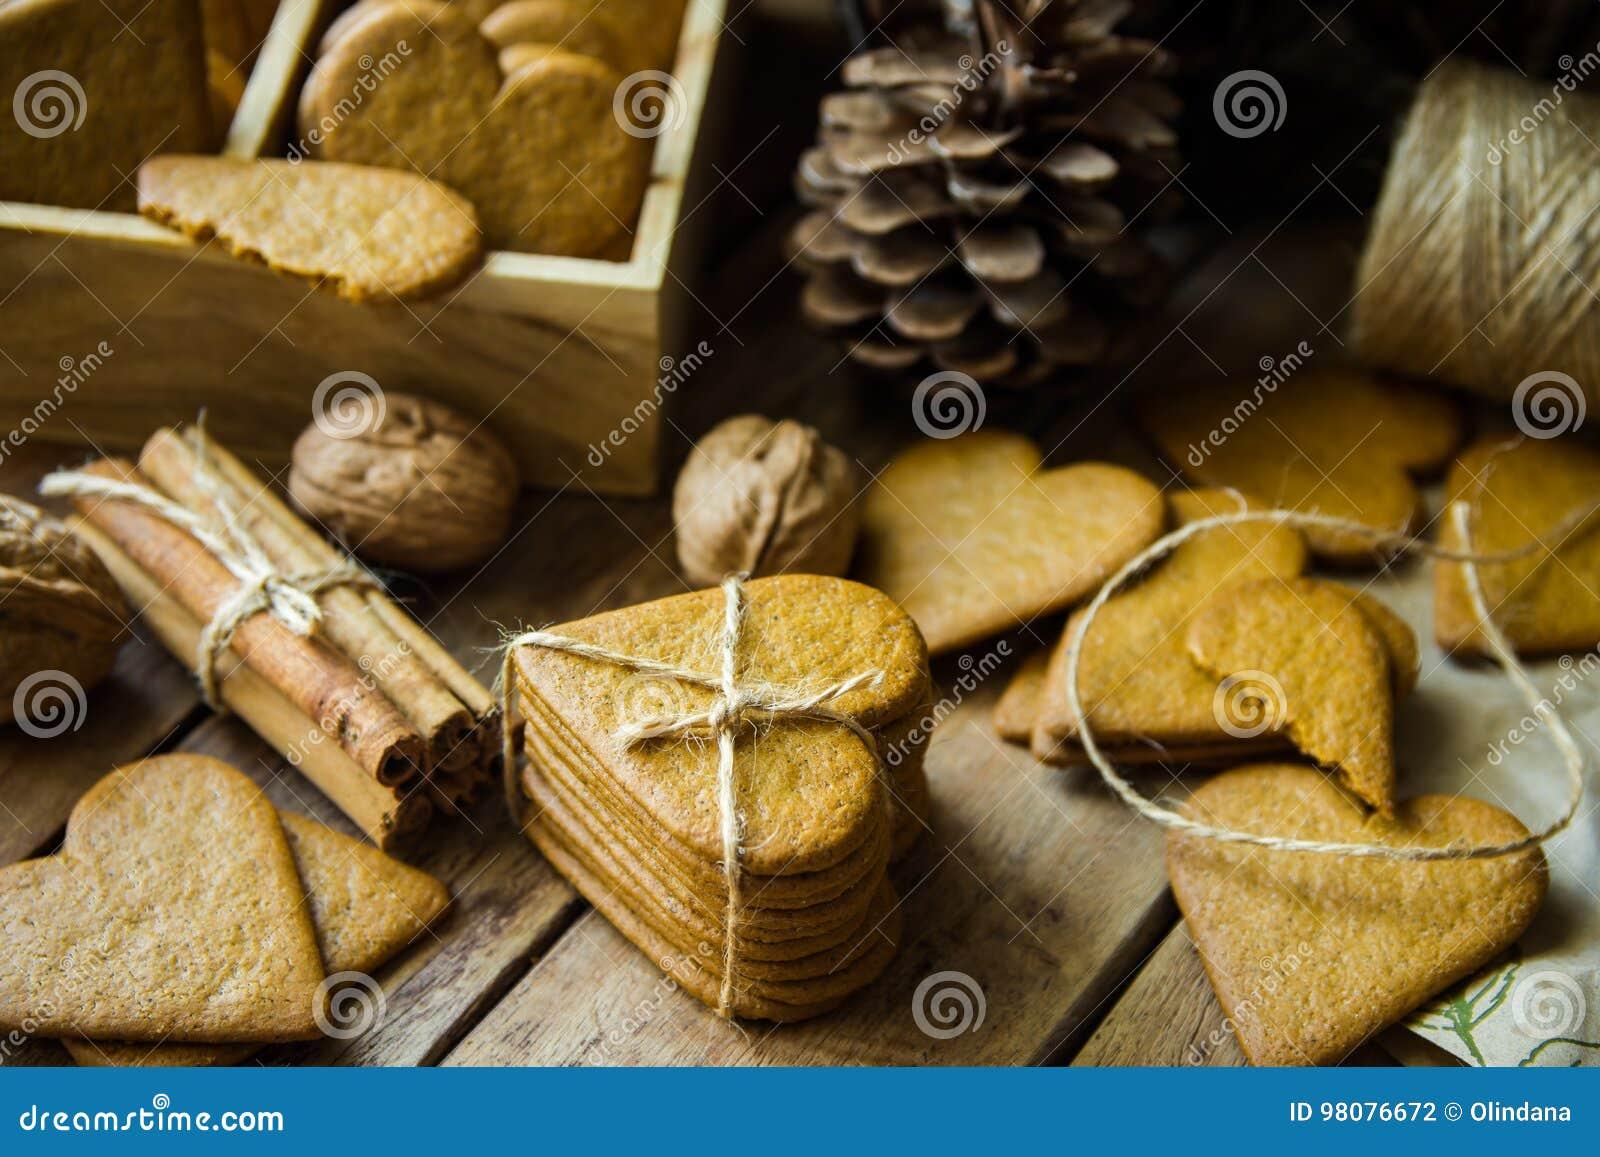 堆姜饼在心脏形状的圣诞节曲奇饼栓与麻线,肉桂条,坚果,在木厨房用桌上的杉木锥体